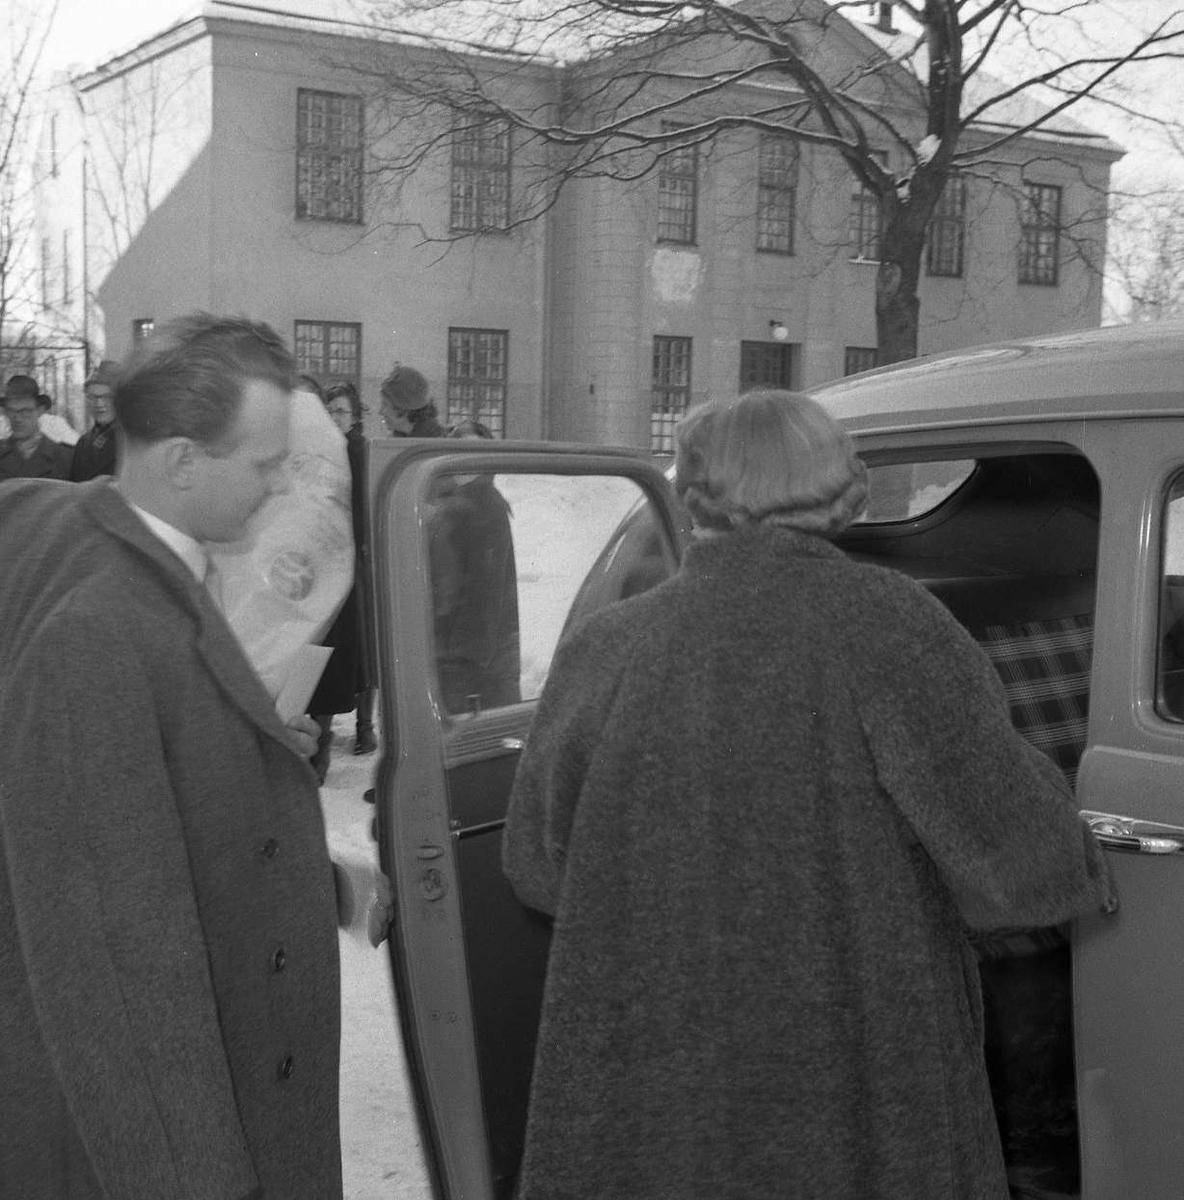 Brudparet Wiklund på väg in i bilen, Uppsala Ålderdoms- och sjukhem, Svartbäcken, Uppsala 1954